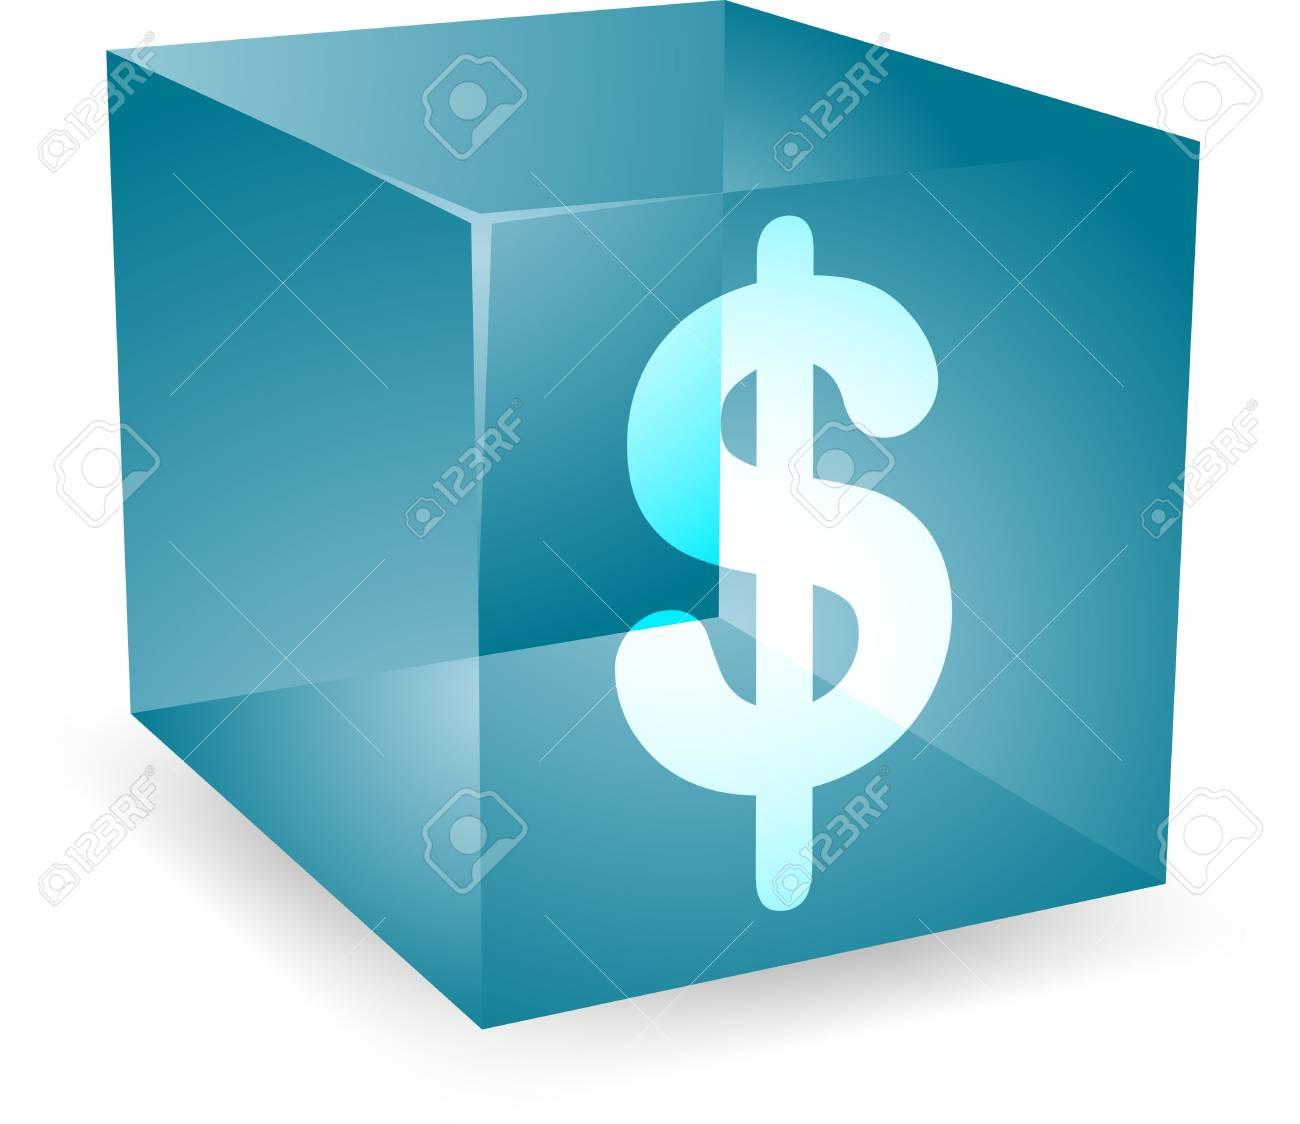 Dollar icon on translucent cube shape illustration Stock Photo - 4648079